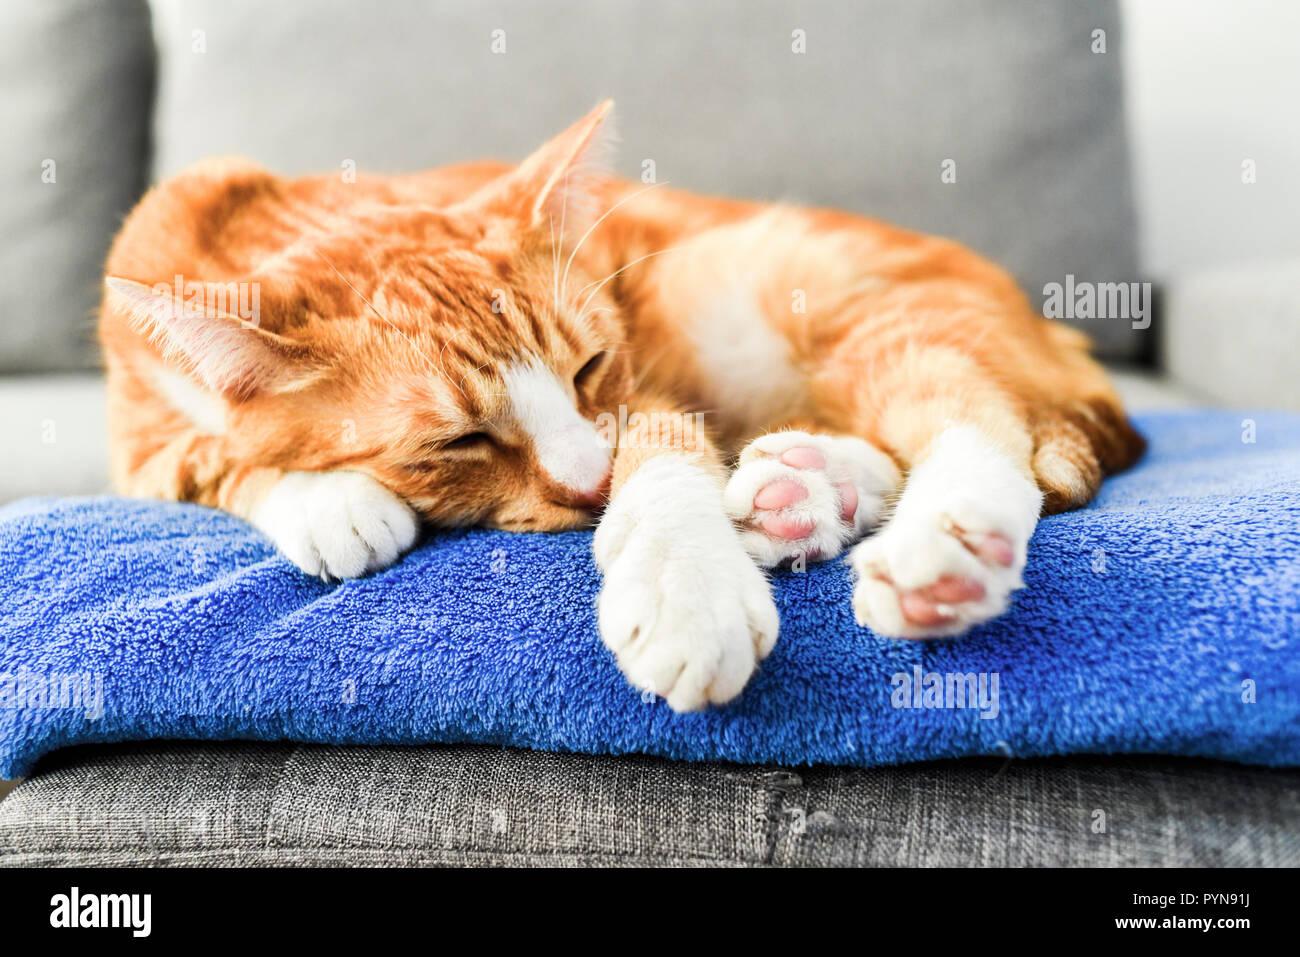 Un beau chat roux couché et de détente à la maison. Photo Stock